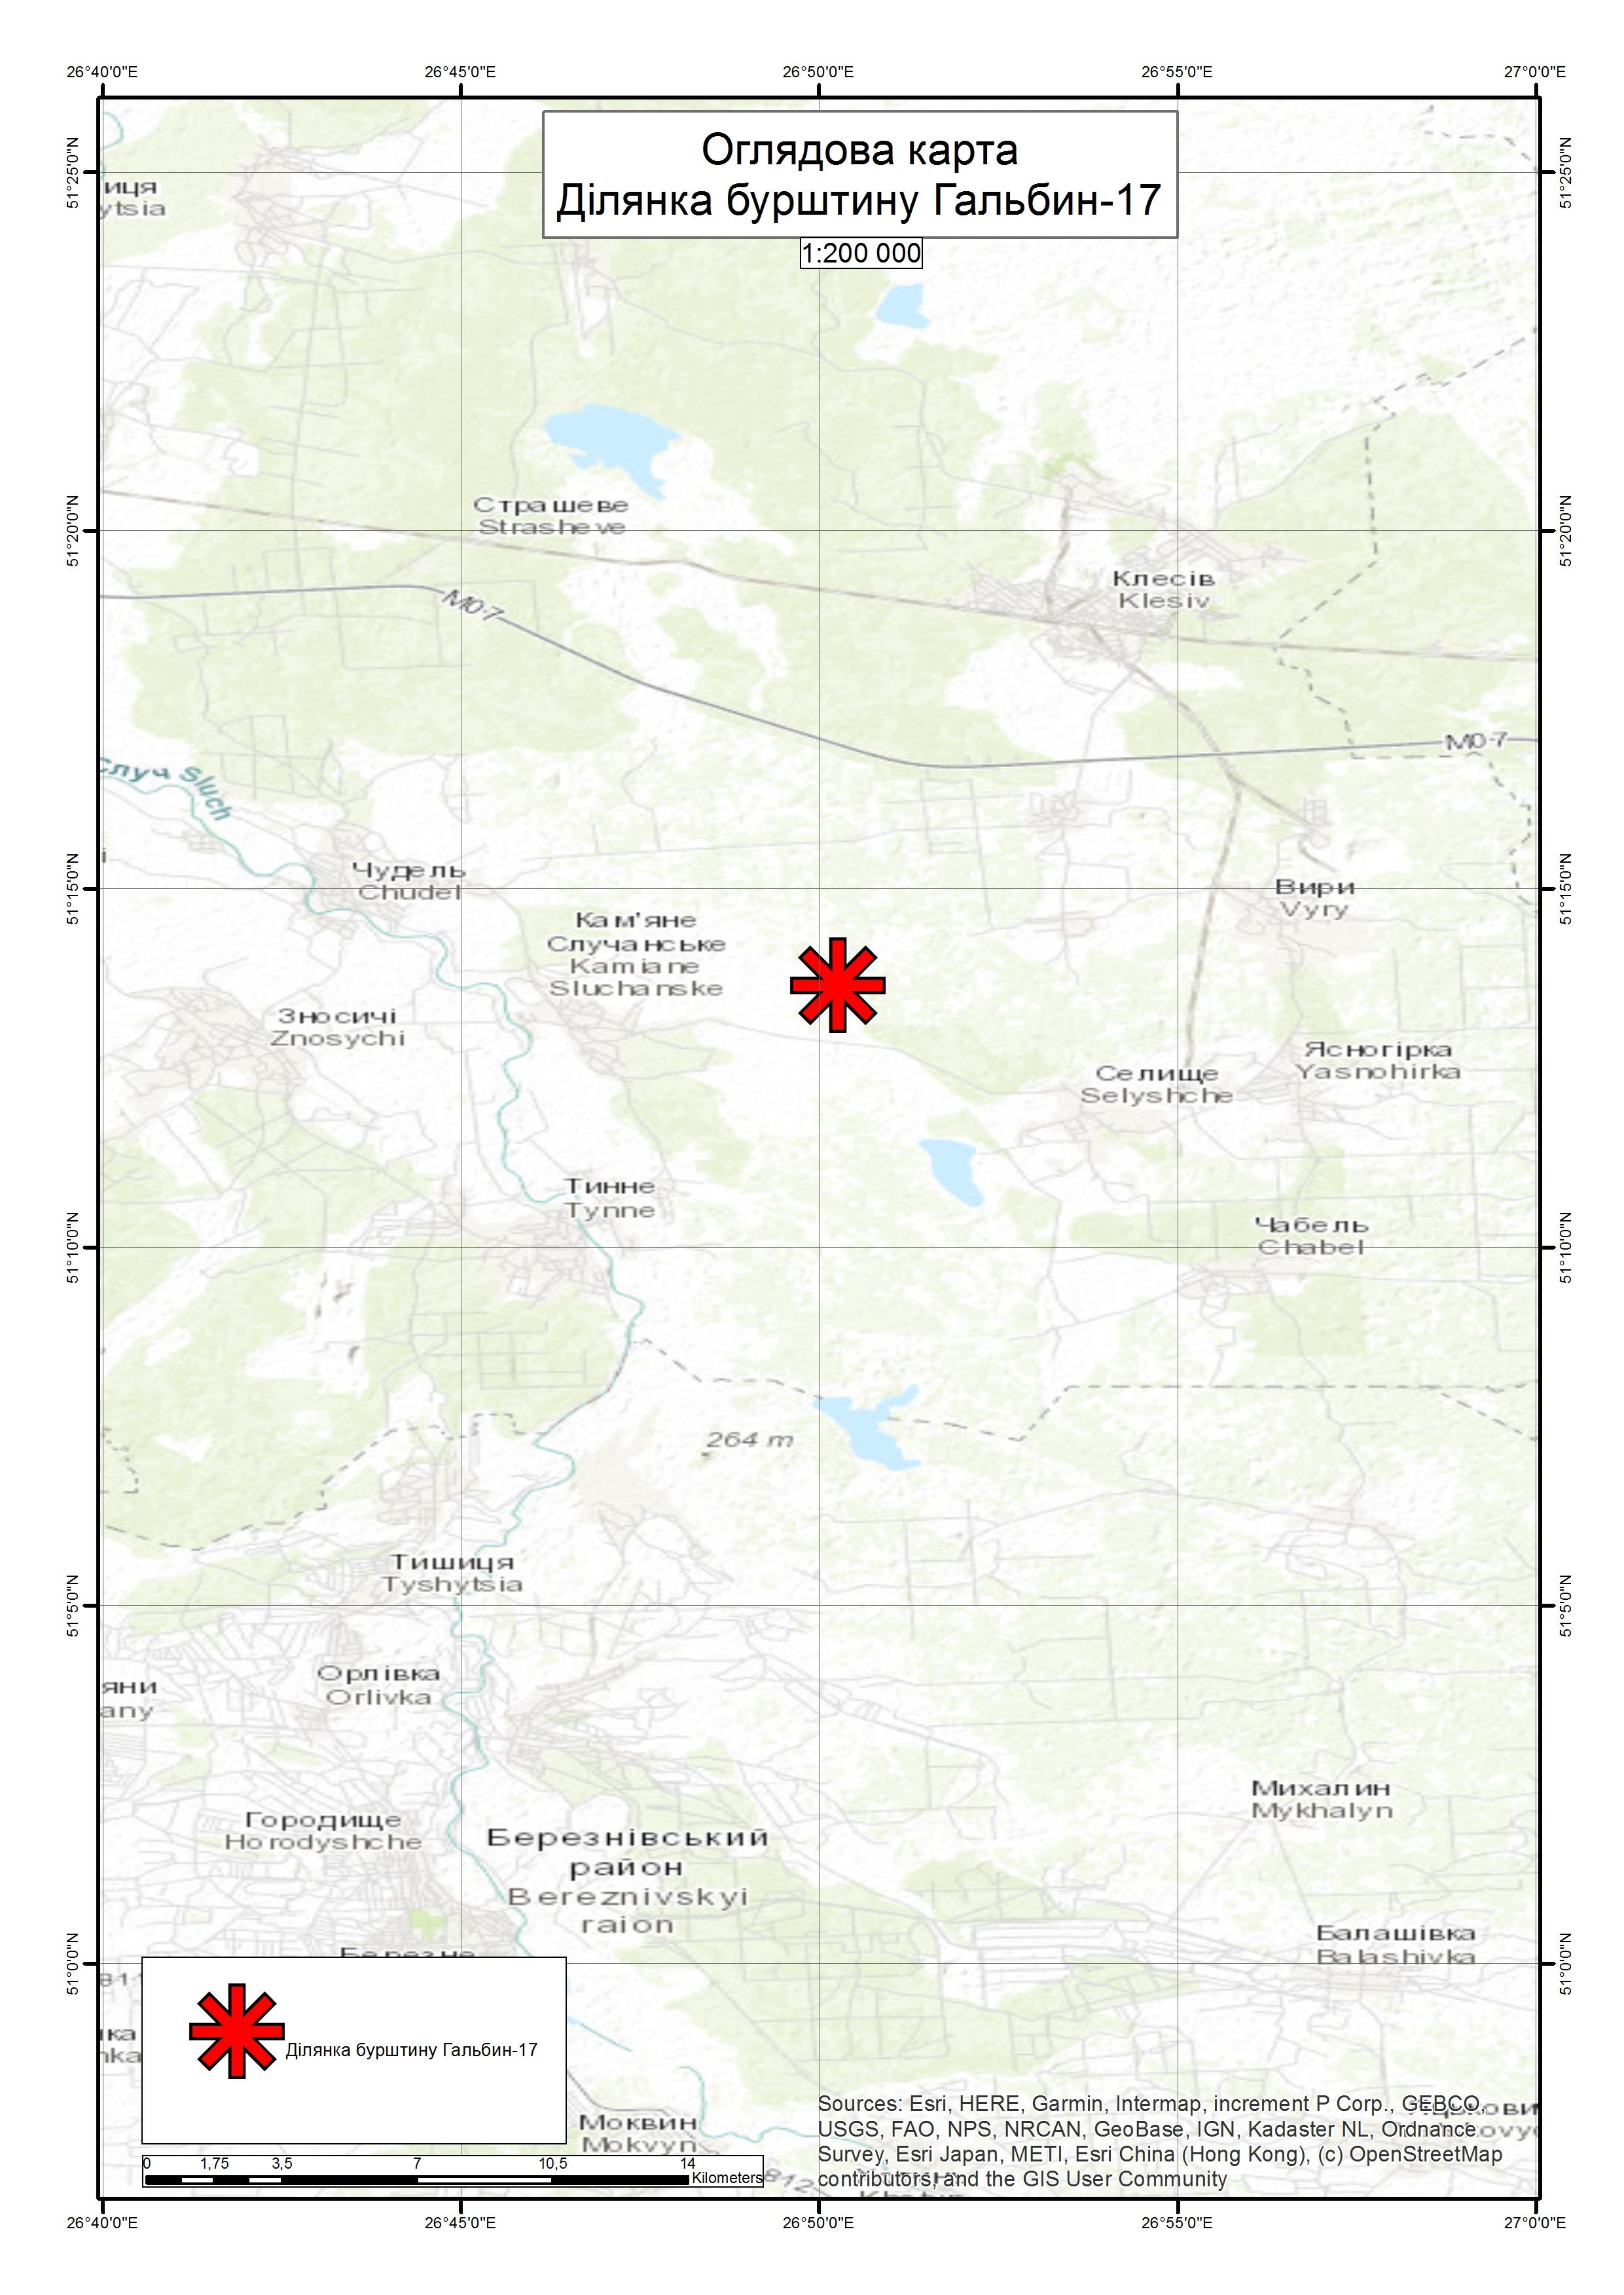 Спеціальний дозвіл на користування надрами – Ділянка Гальбин-17. Вартість геологічної інформації – 102 610,39 грн (з ПДВ). Вартість пакету аукціонної документації – 10 523,14 грн (з ПДВ).